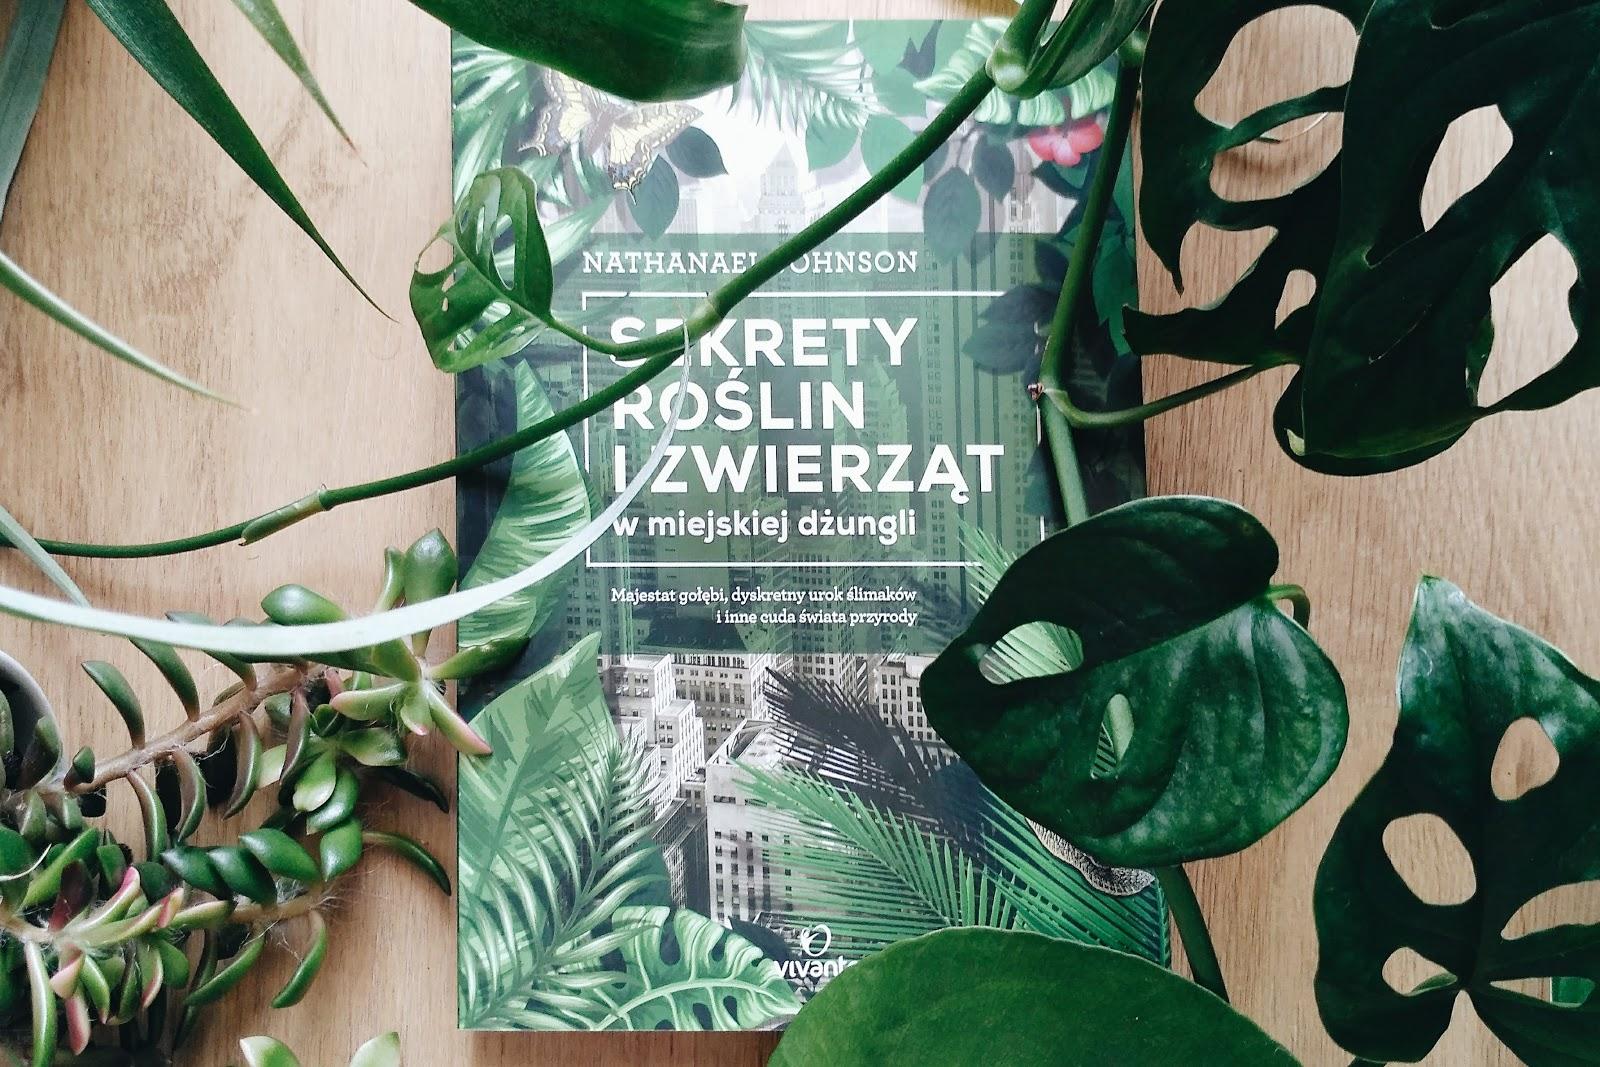 Sekrety roślin i zwierząt w miejskiej dżungli Nathanael Johnson